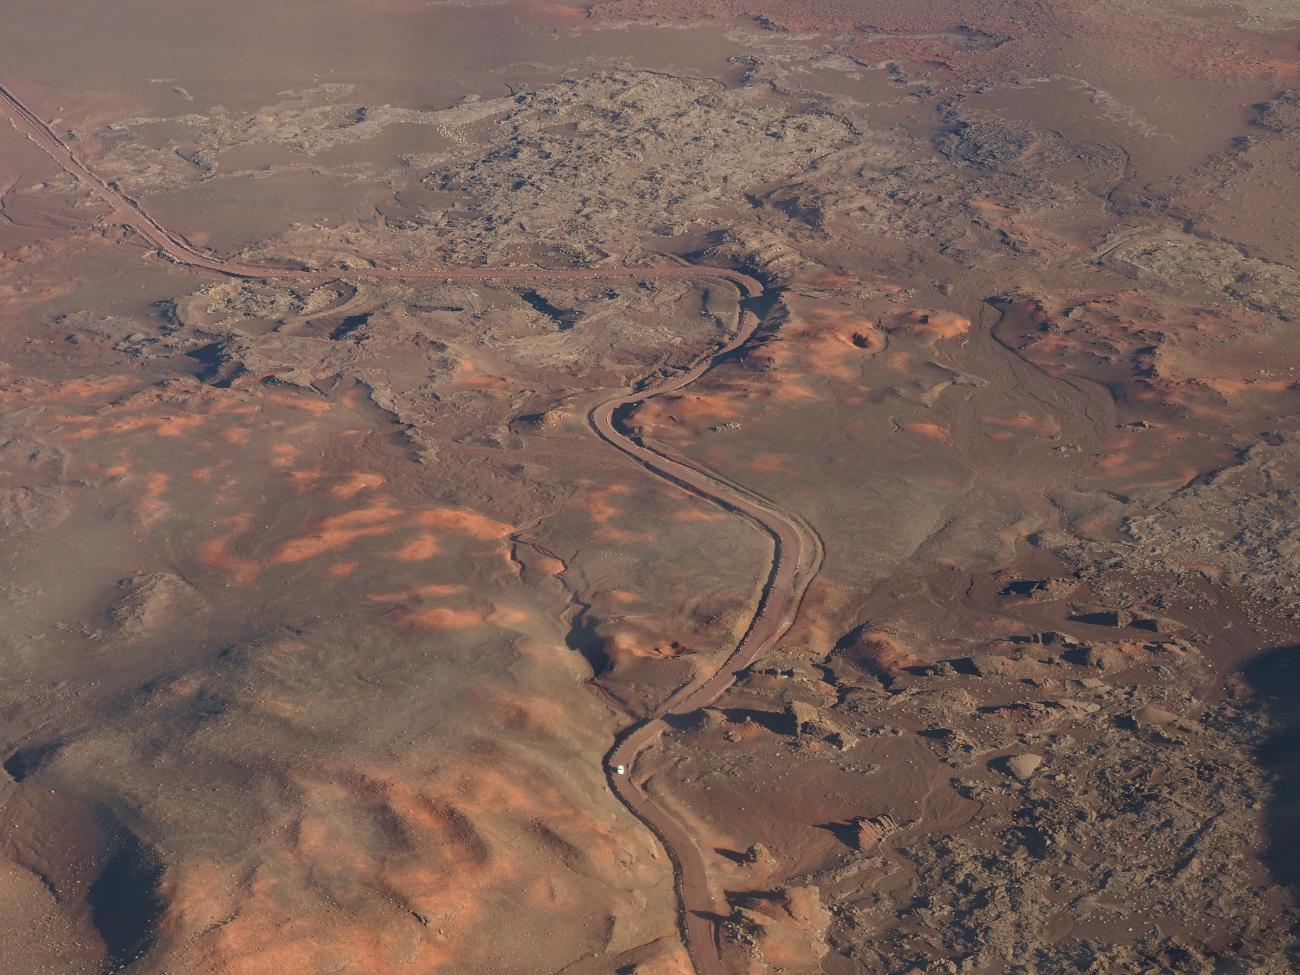 La plaine des Sables vue d'hélicoptère